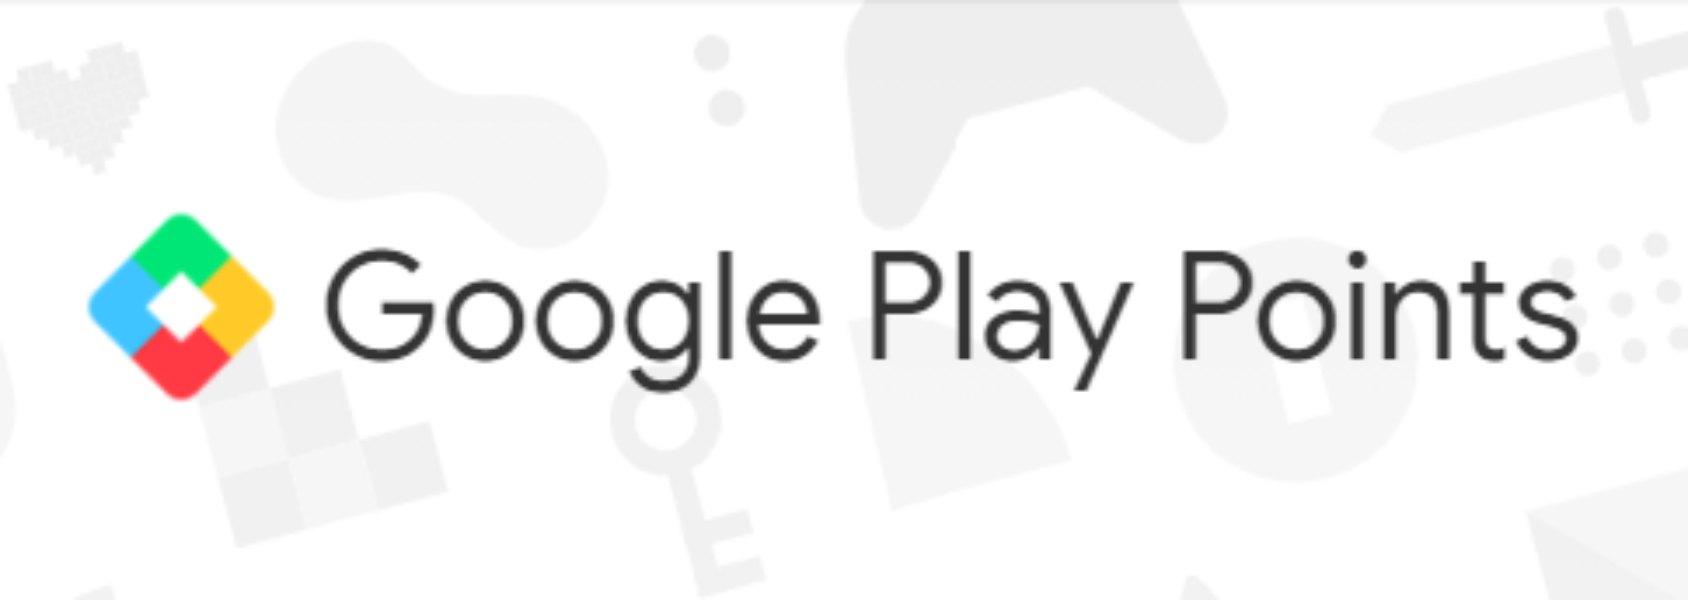 Google Play Points el programa que te recompensa por jugar